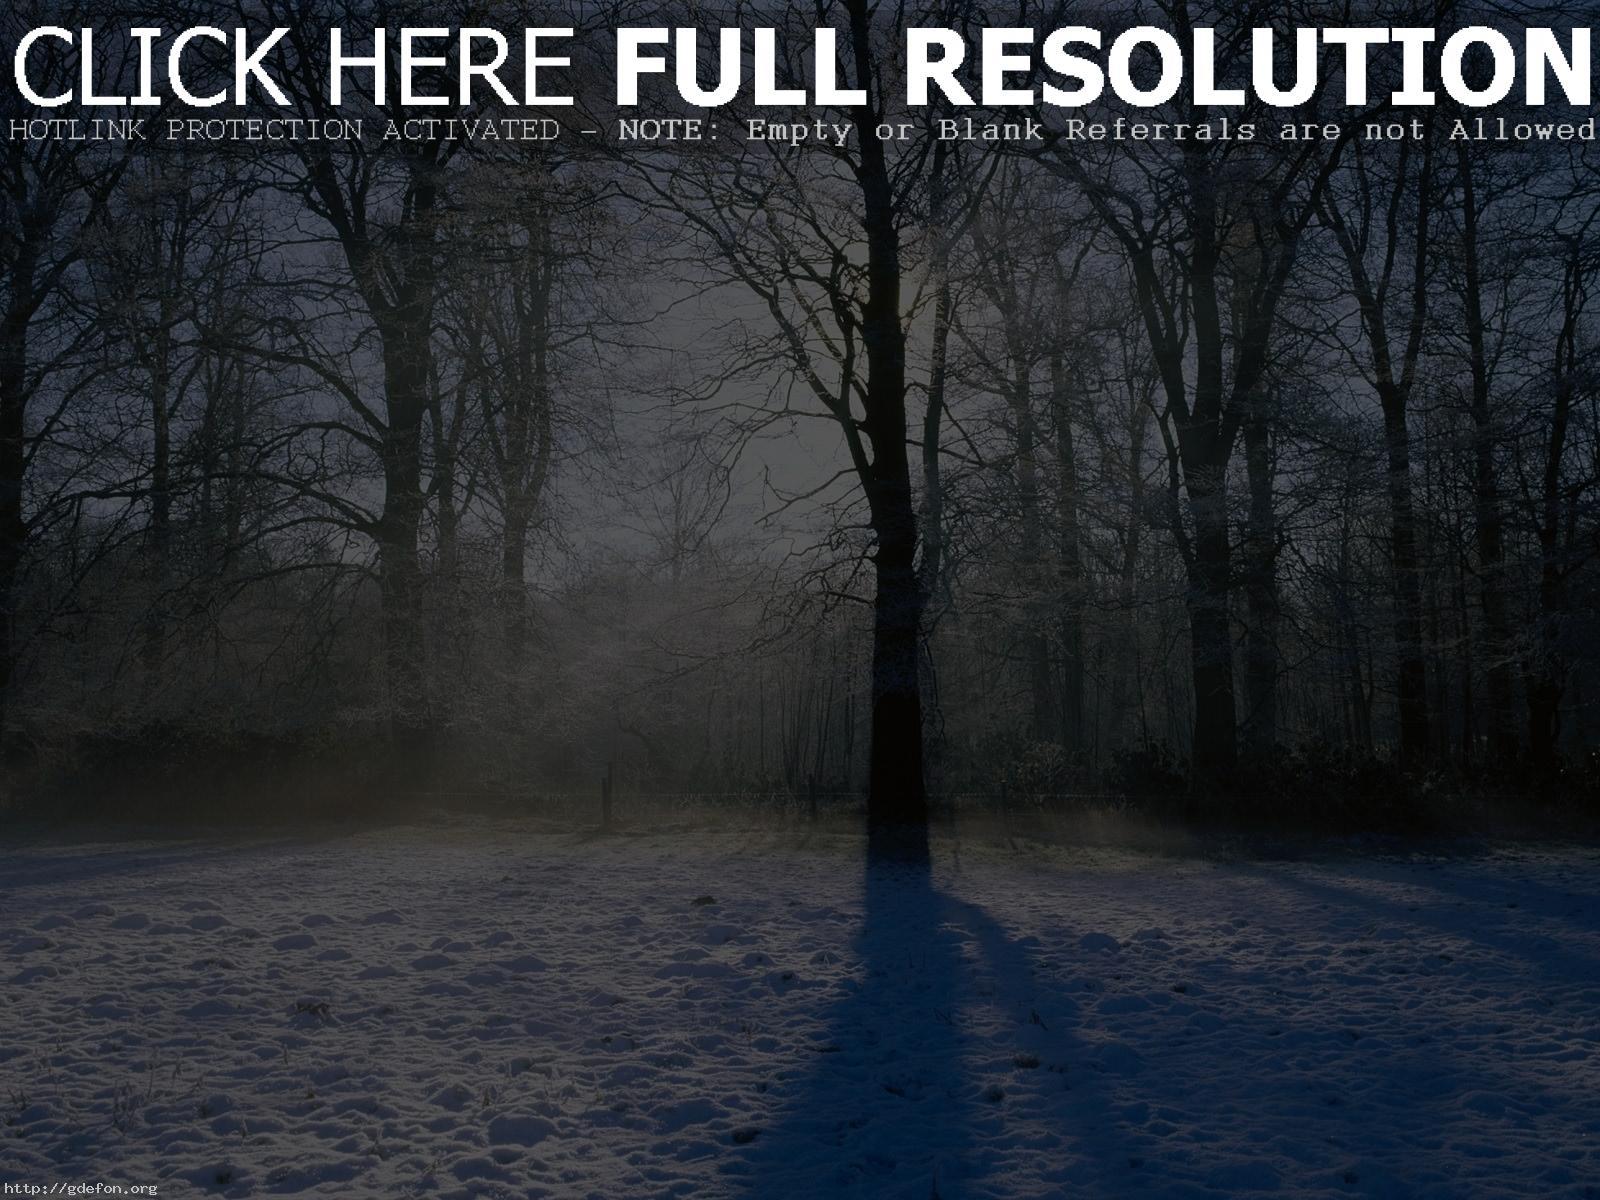 Скачать обои зима снег деревья лучи